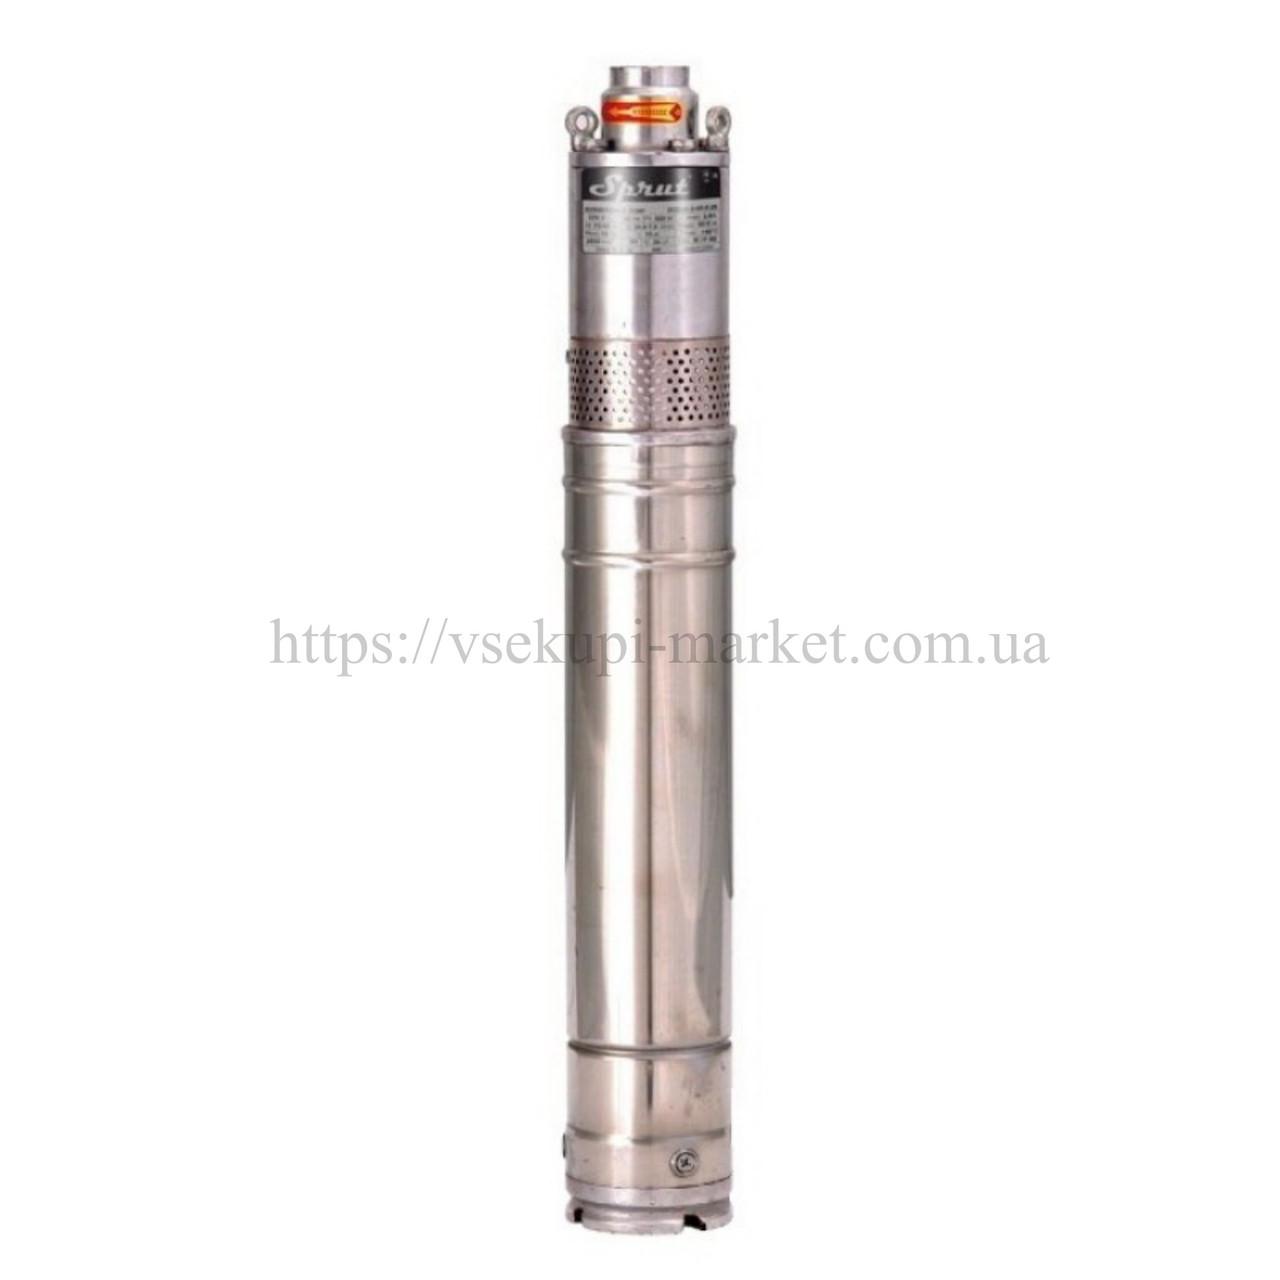 Скважинный насос SPRUT QGDа 2,5-60-0.75 + пульт управления